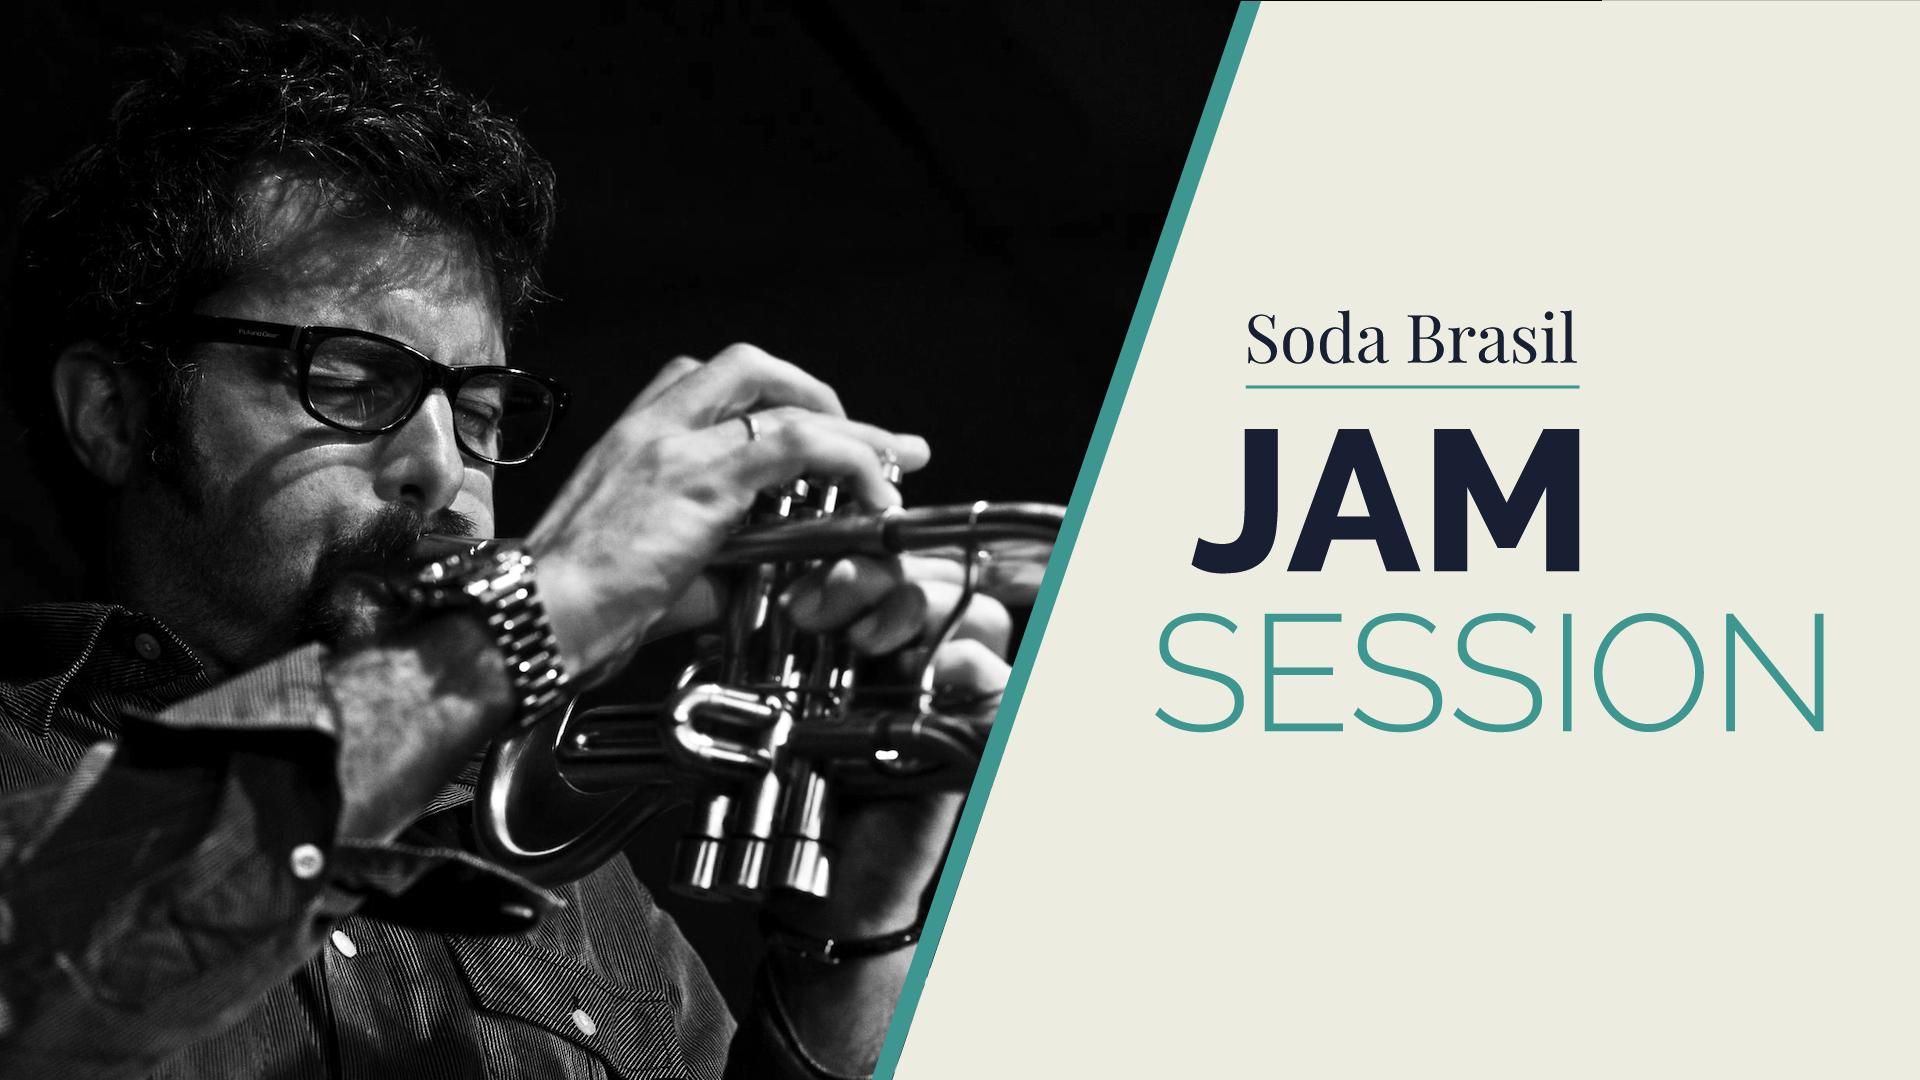 Soda Brazil Jam Session (+ Guillermo Calliero)